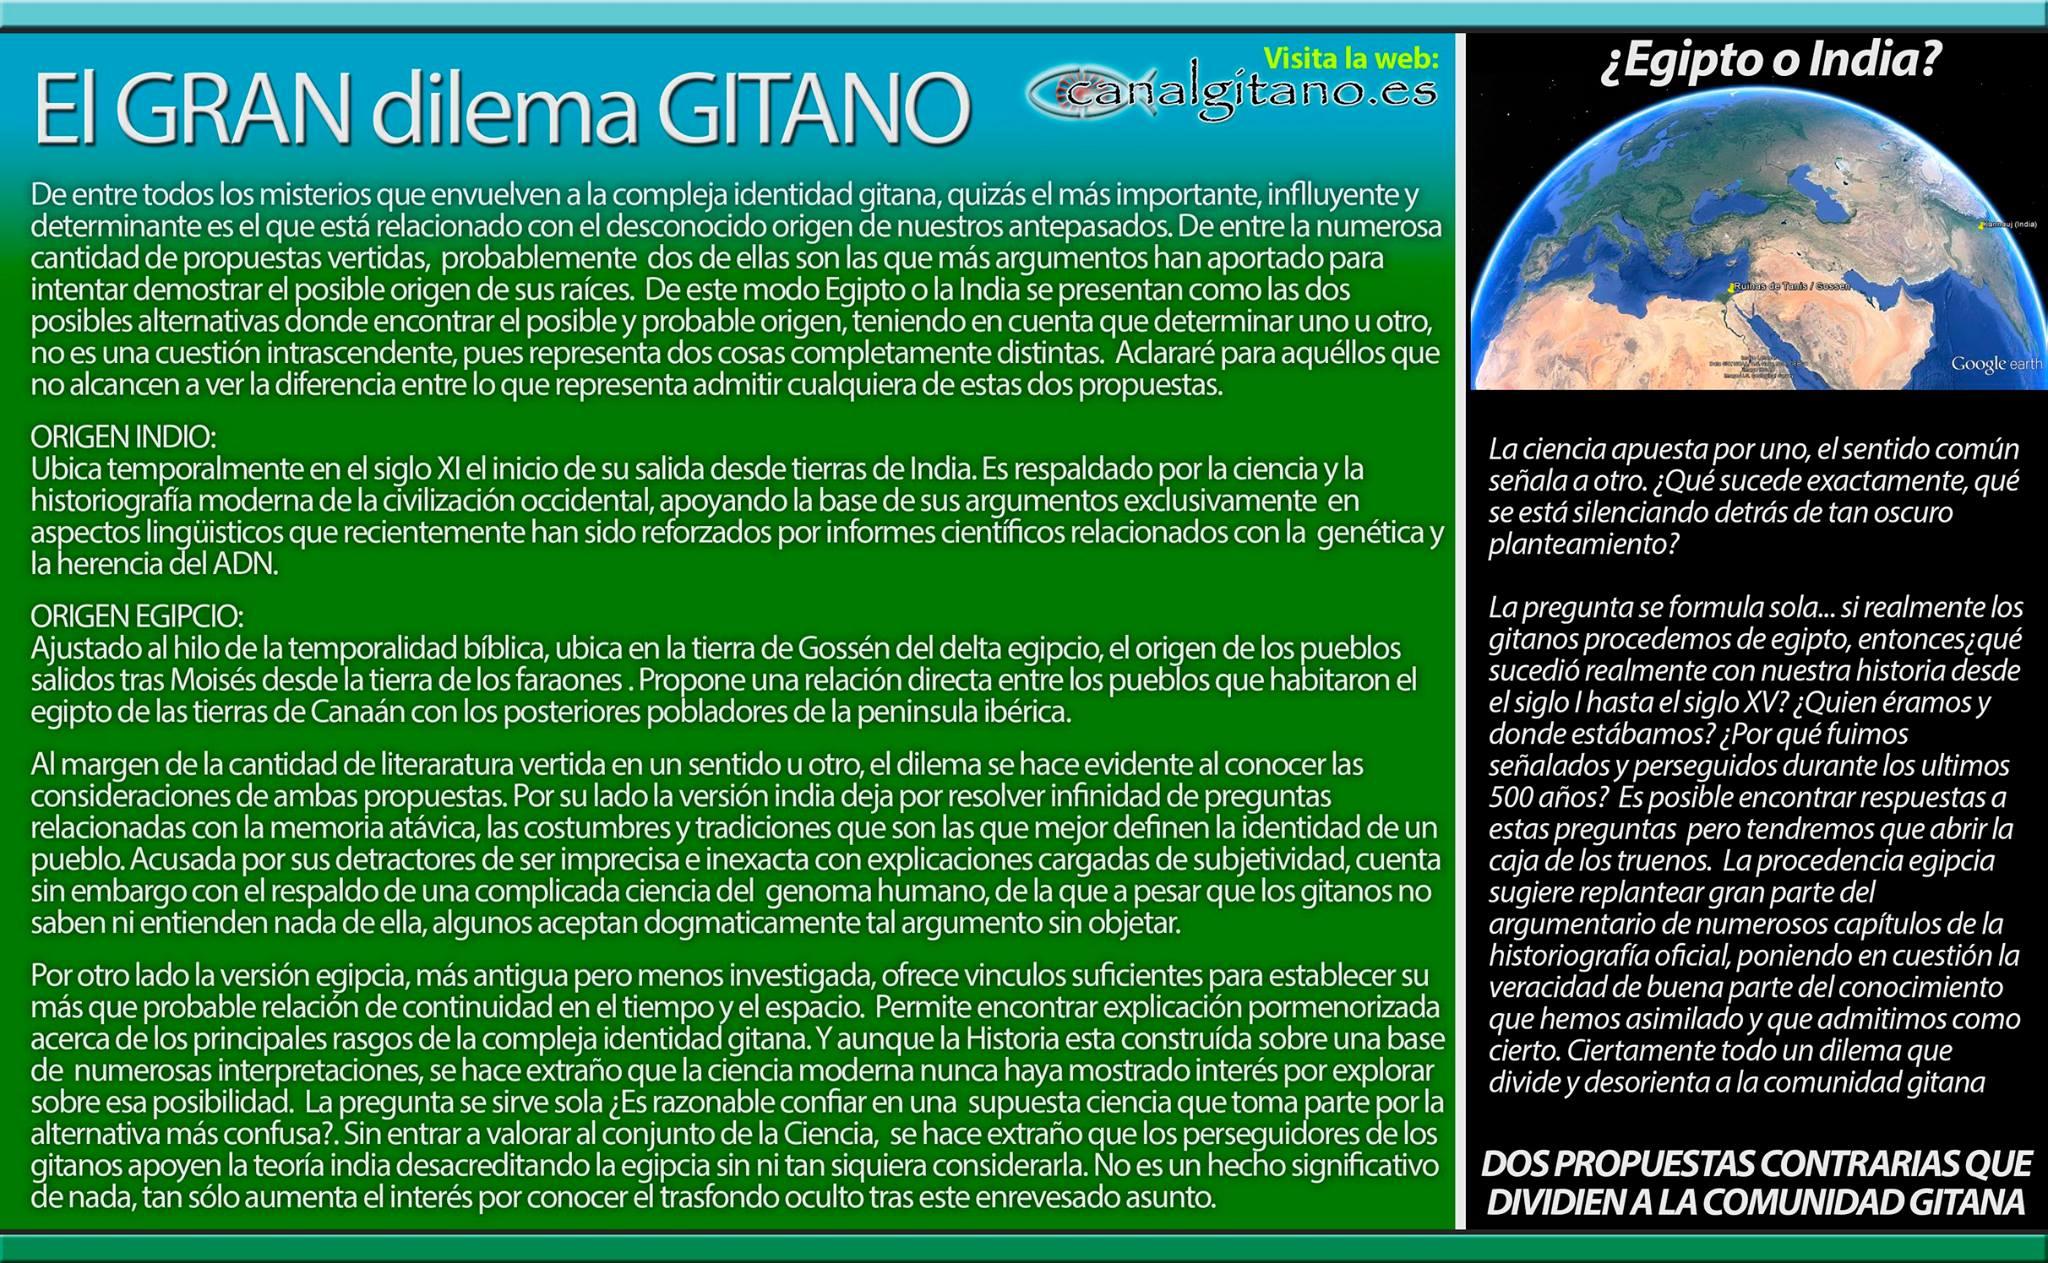 Canal Gitano - Alberto Sallarés - El GRAN dilema GITANO - ¿Egipto ó India?